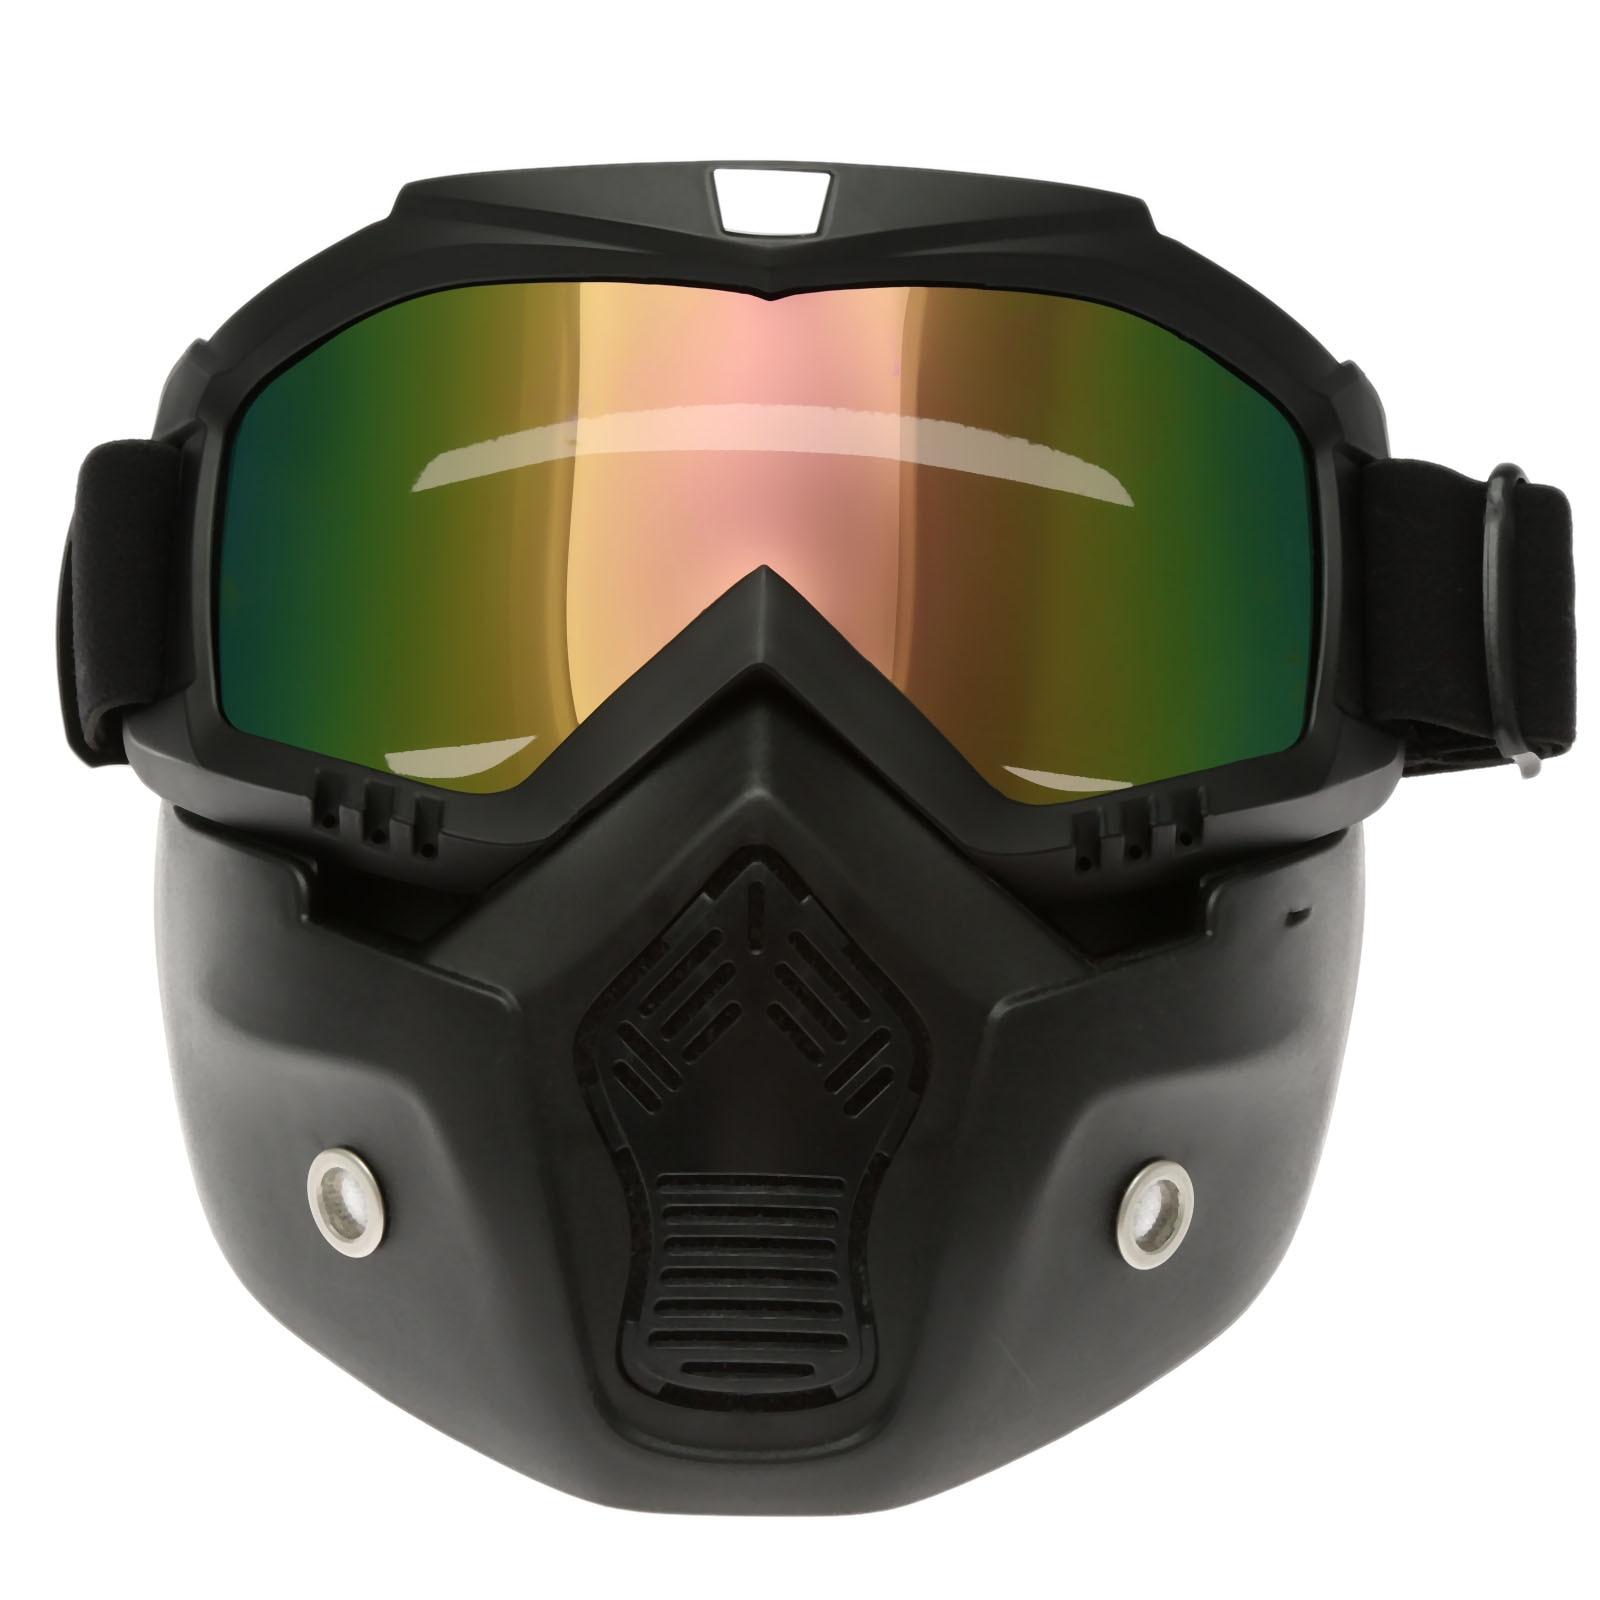 Motocross Ski Brille Motorrad Brille Winddicht Abnehmbare Masque Maske Mund Filter Für Offene Gesicht Vintage Helme Universal